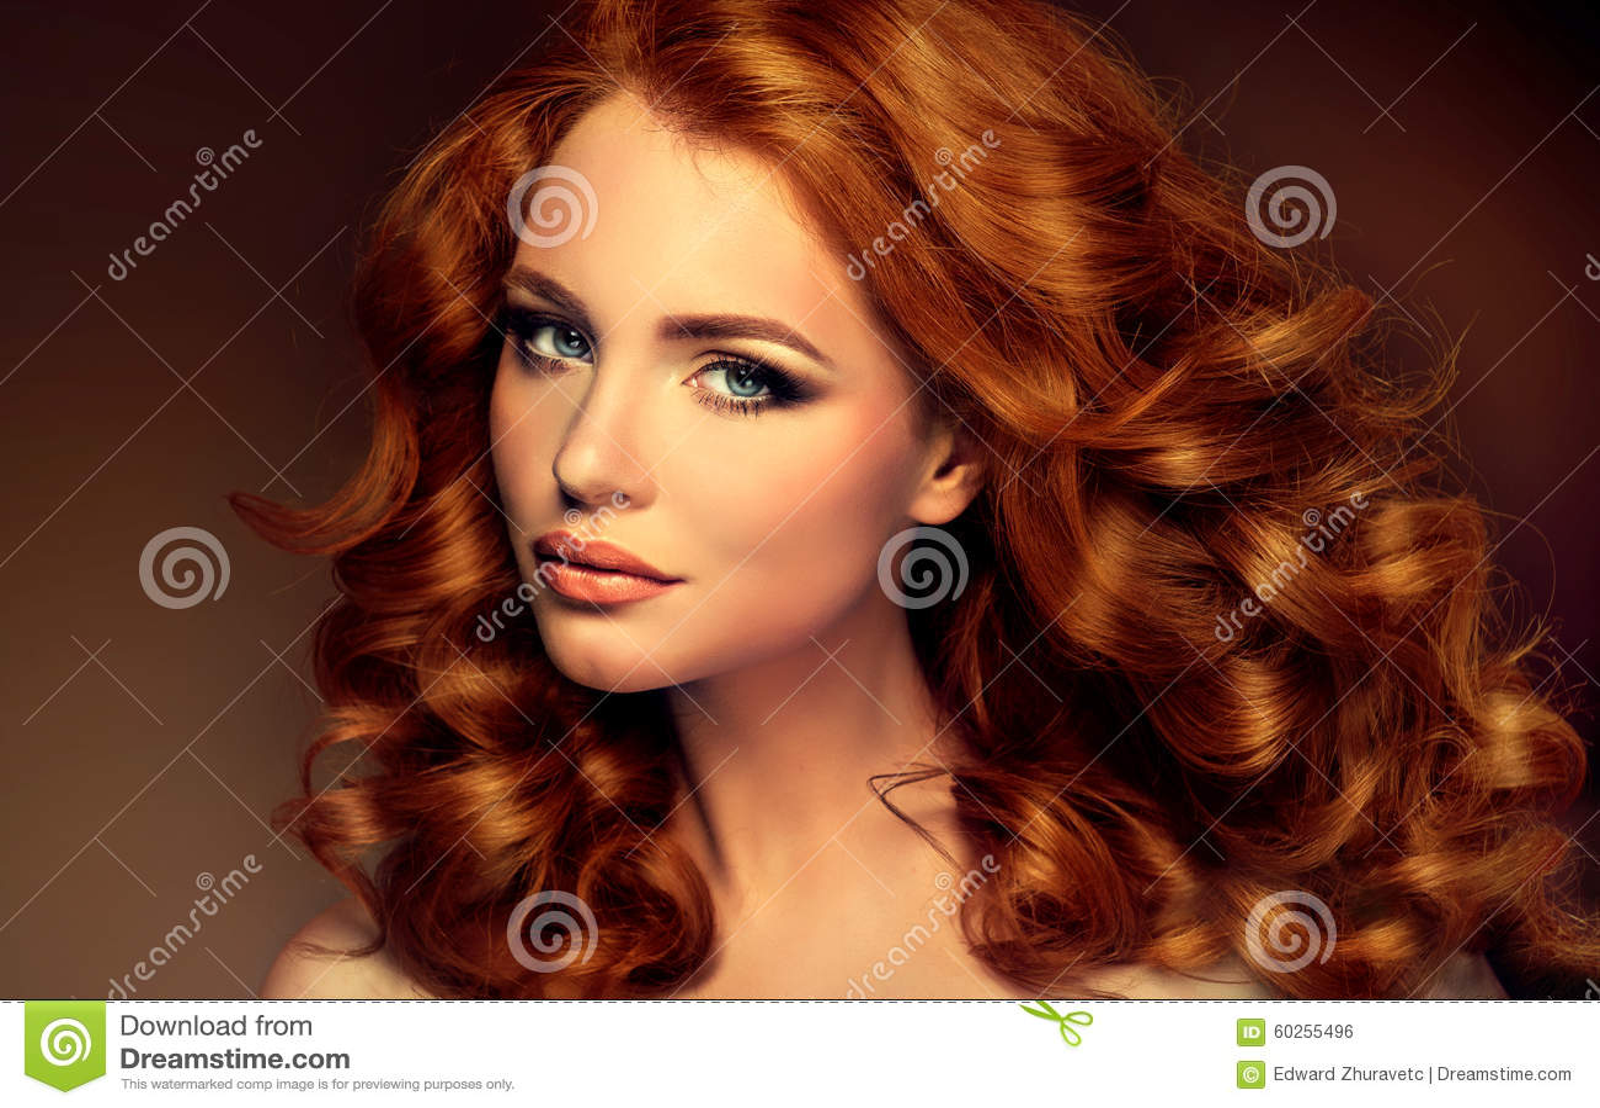 Dziewczyna model z długim kędzierzawym czerwonym włosy